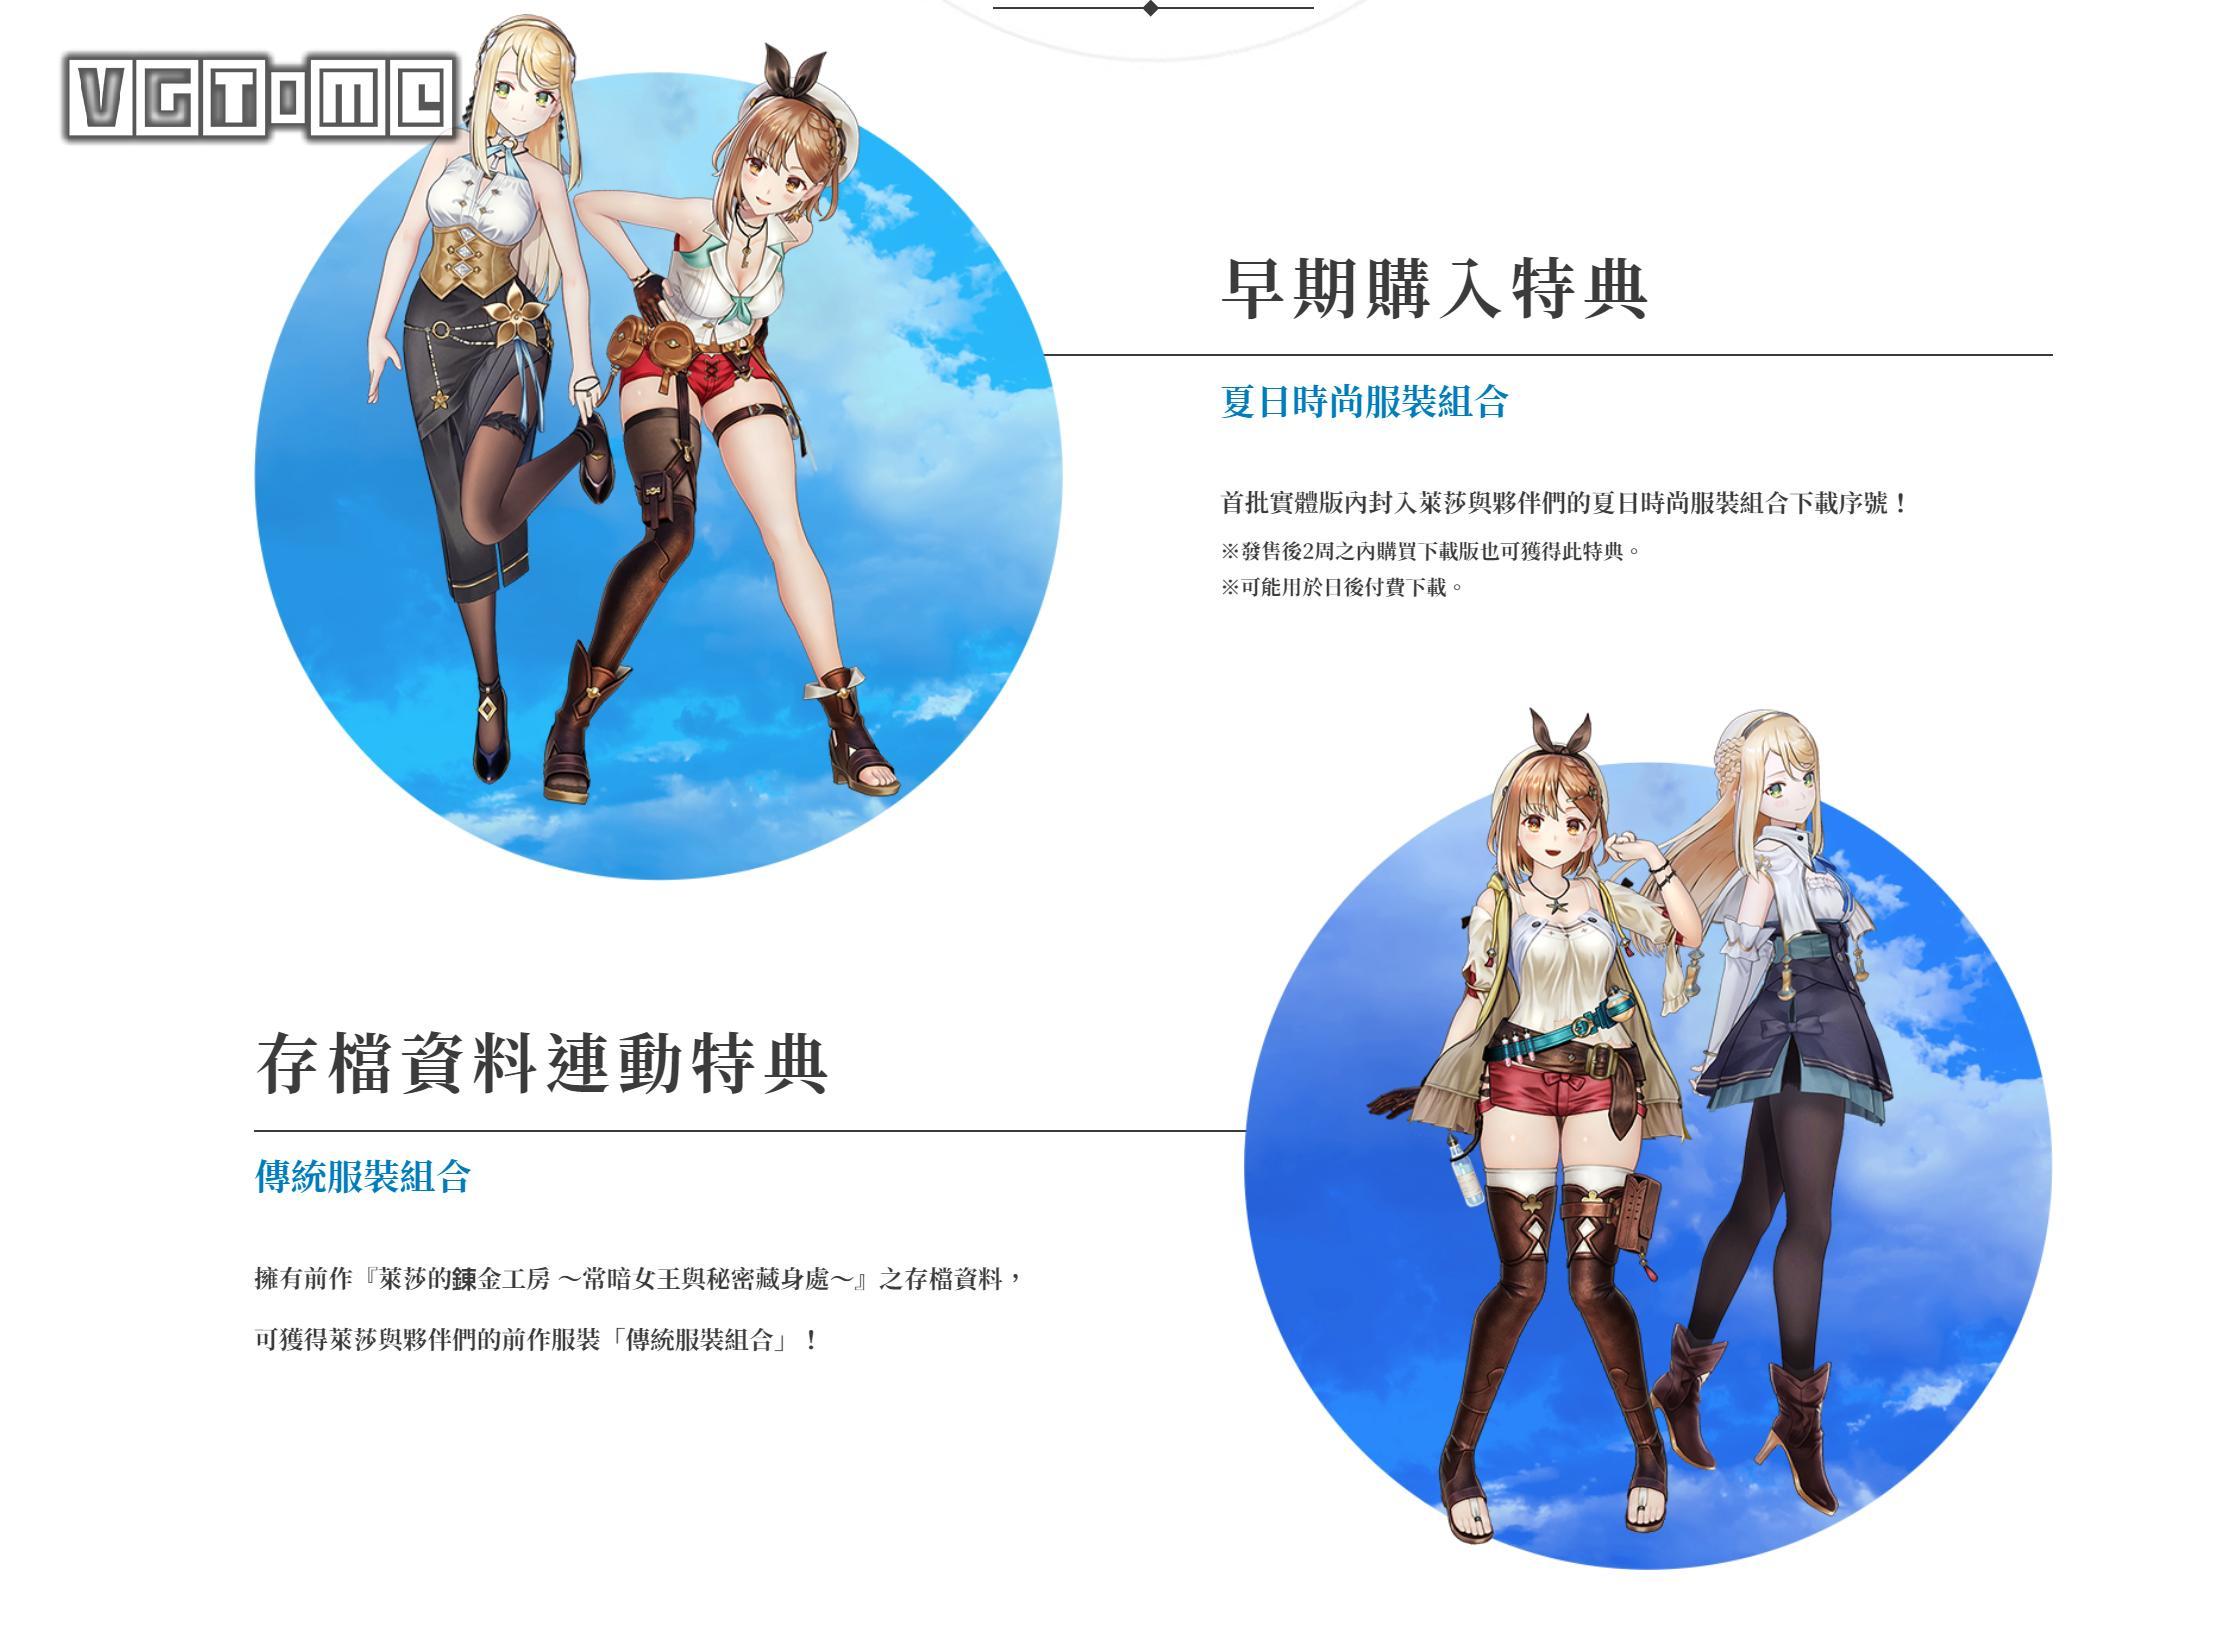 《莱莎的炼金工房2》中文版2020年冬季发售